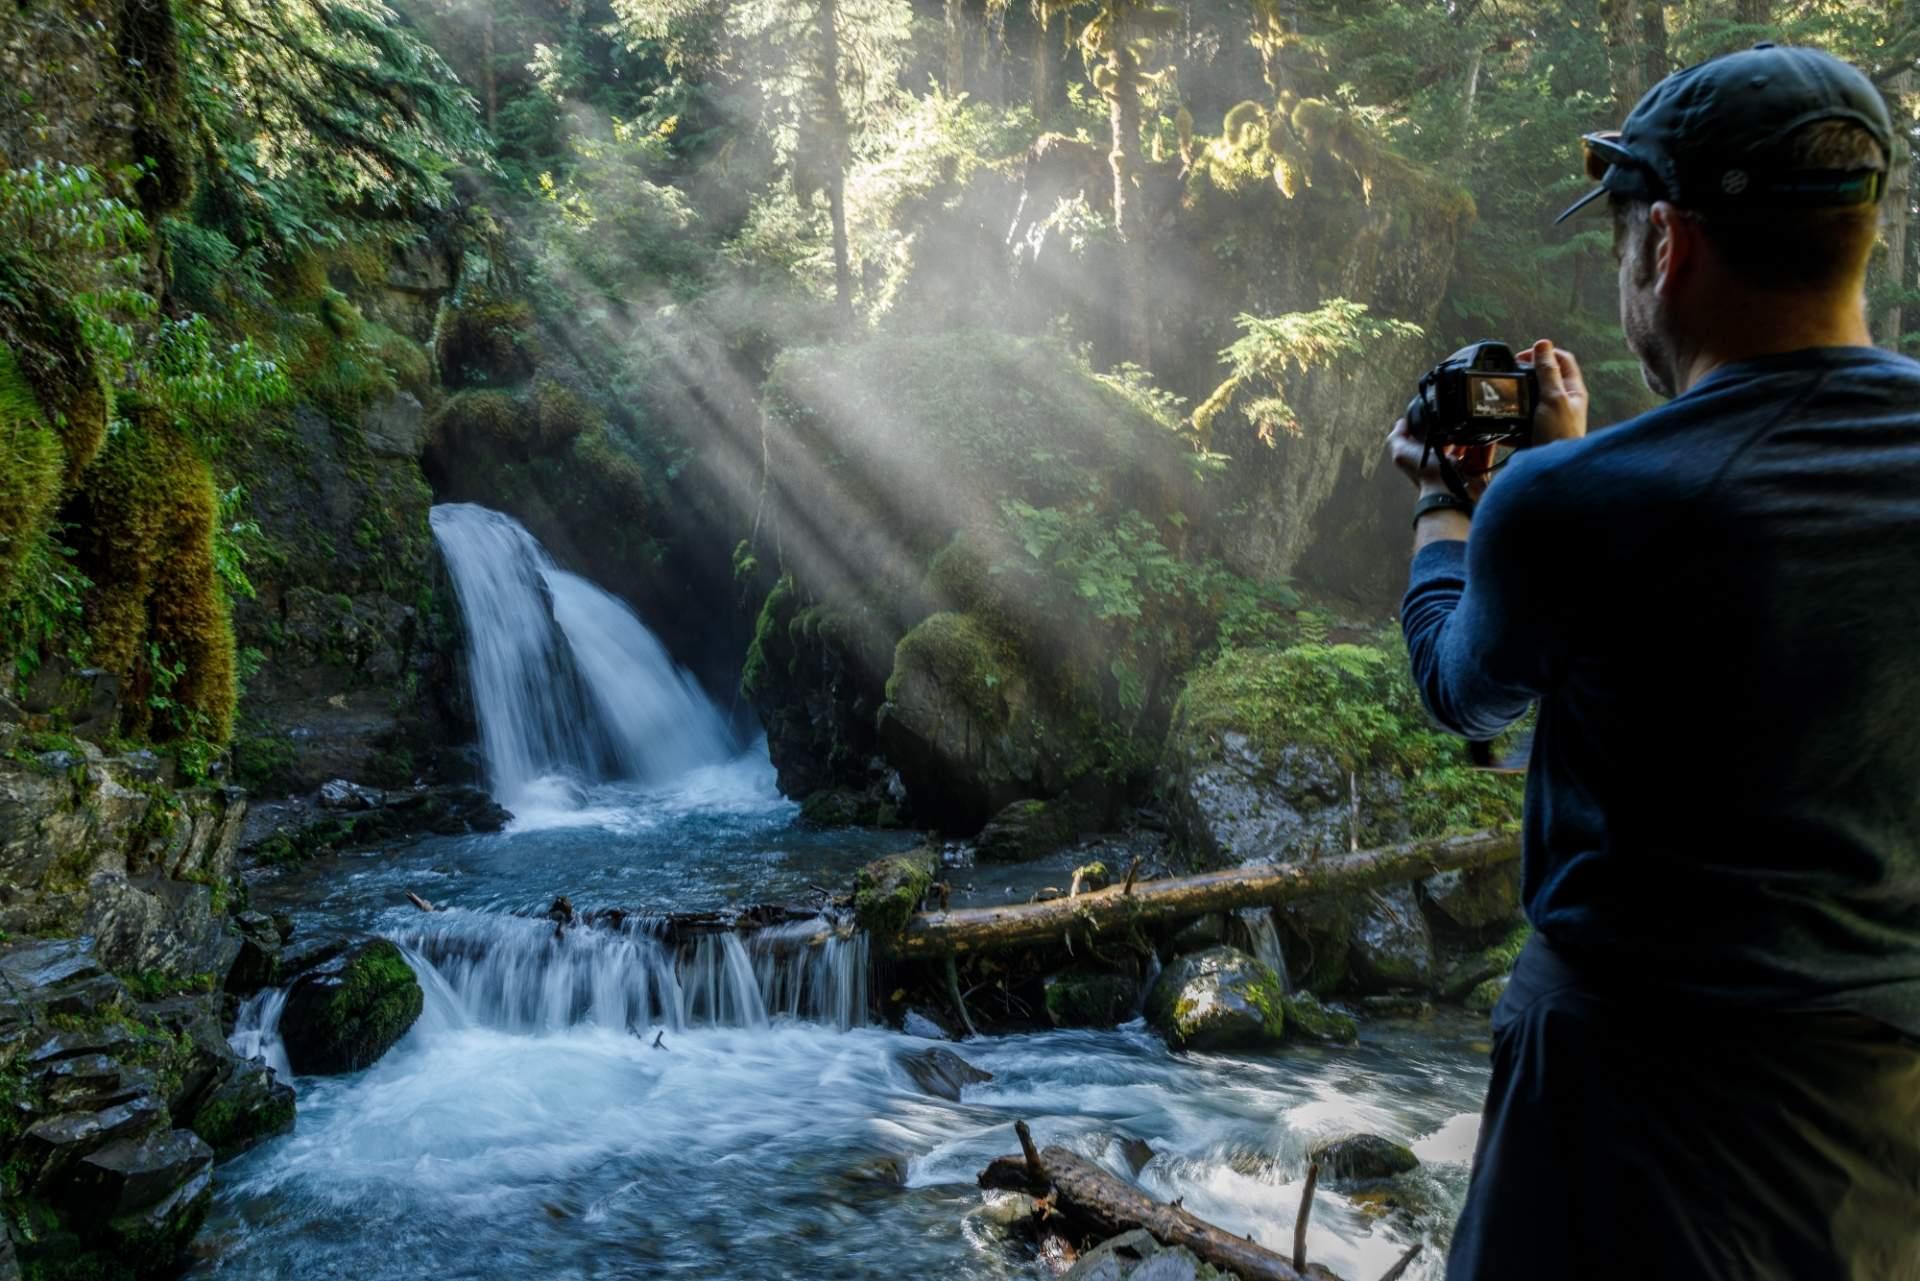 Jeff Schultz Virgin Creek Falls 180822 5 F1077